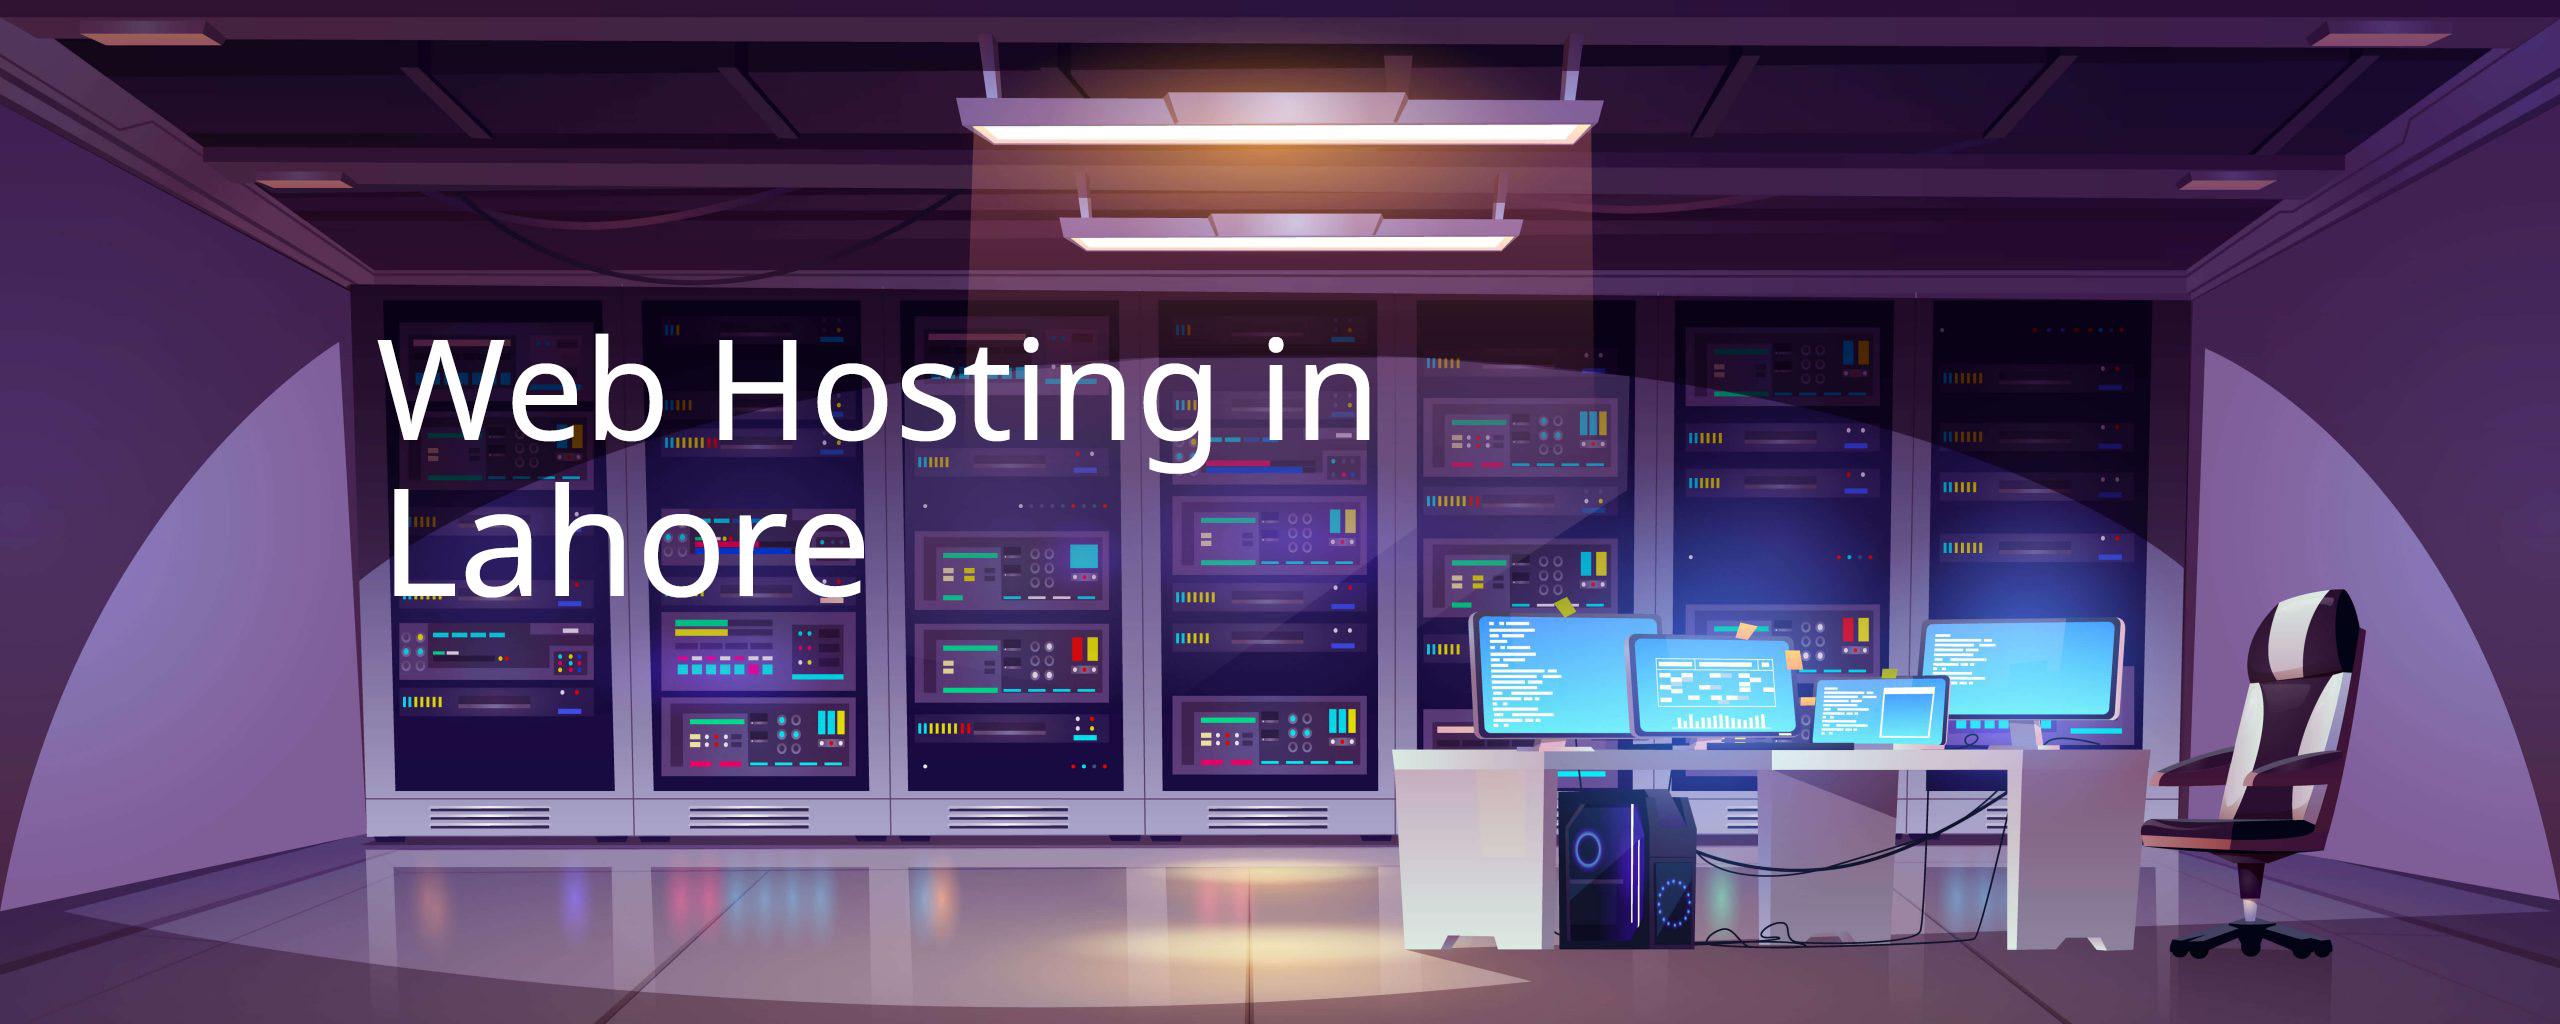 web-hosting-in-lahore-madaar.net